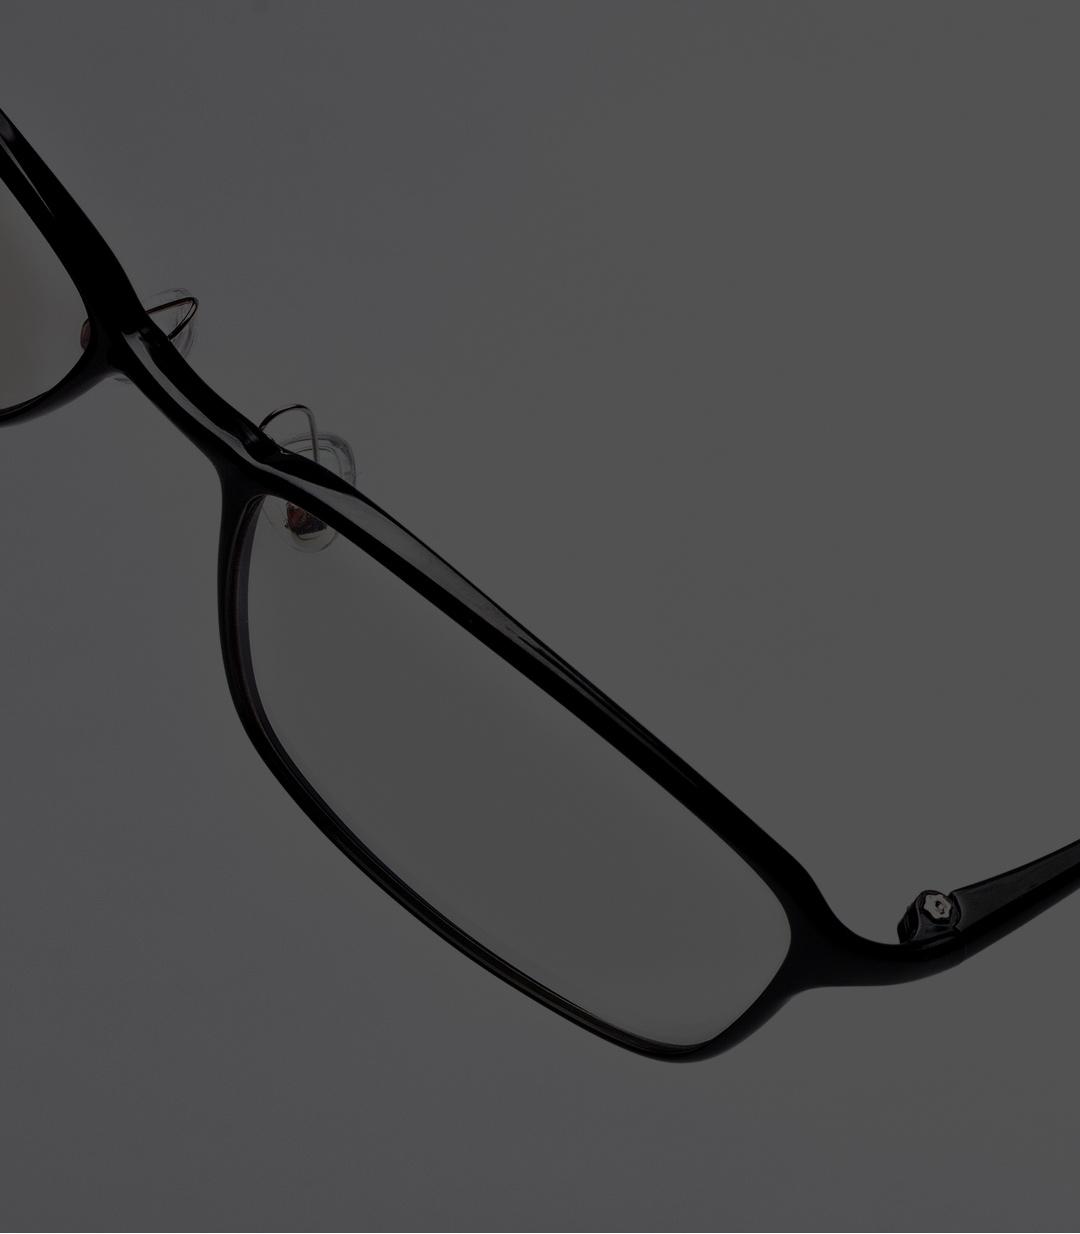 Xiaomi TS kékfény szűrős szemüveg számítógéphez - sárga lencsével, fekete kerettel